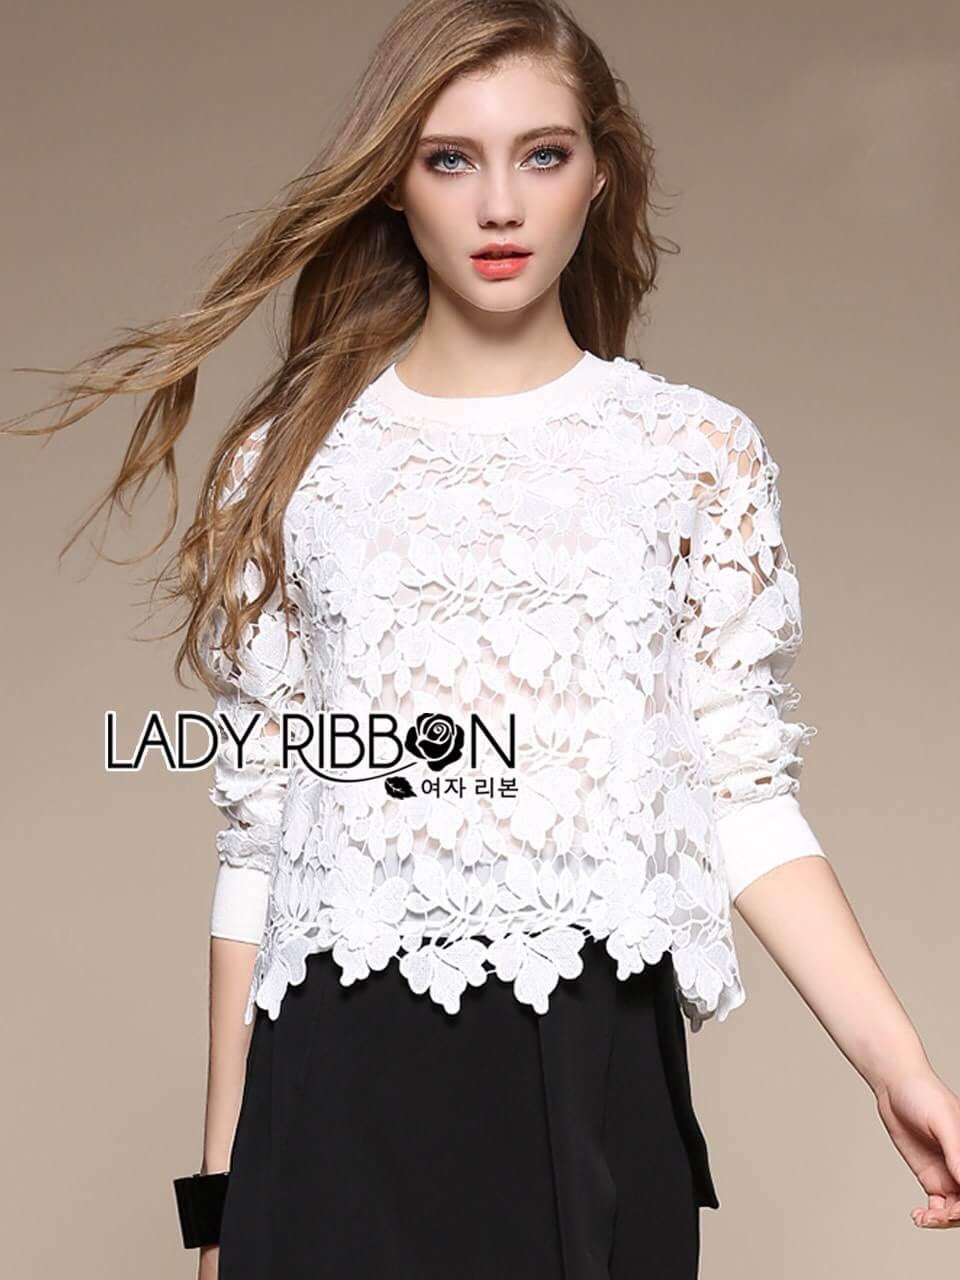 &#x1F380 Lady Ribbon's Made &#x1F380 Lady Ella Sweet & Sporty Lace Jumper